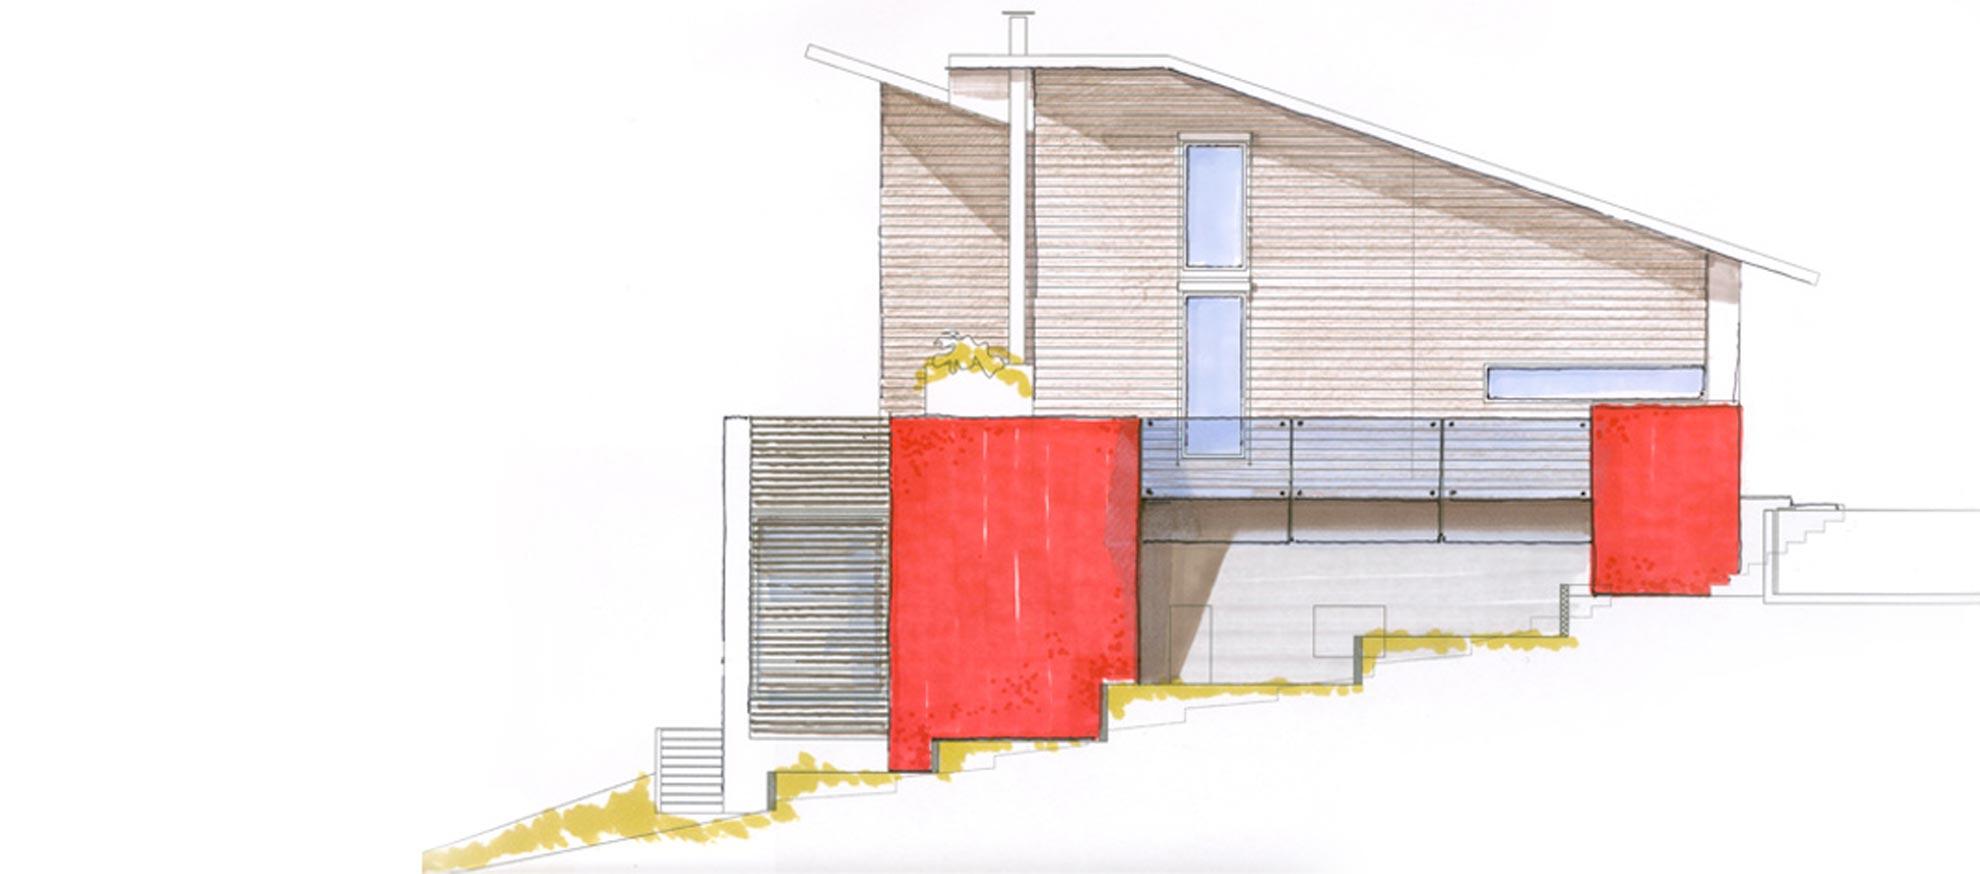 Villa sulla collina torino architetto andrea bella for Studio architettura interni torino